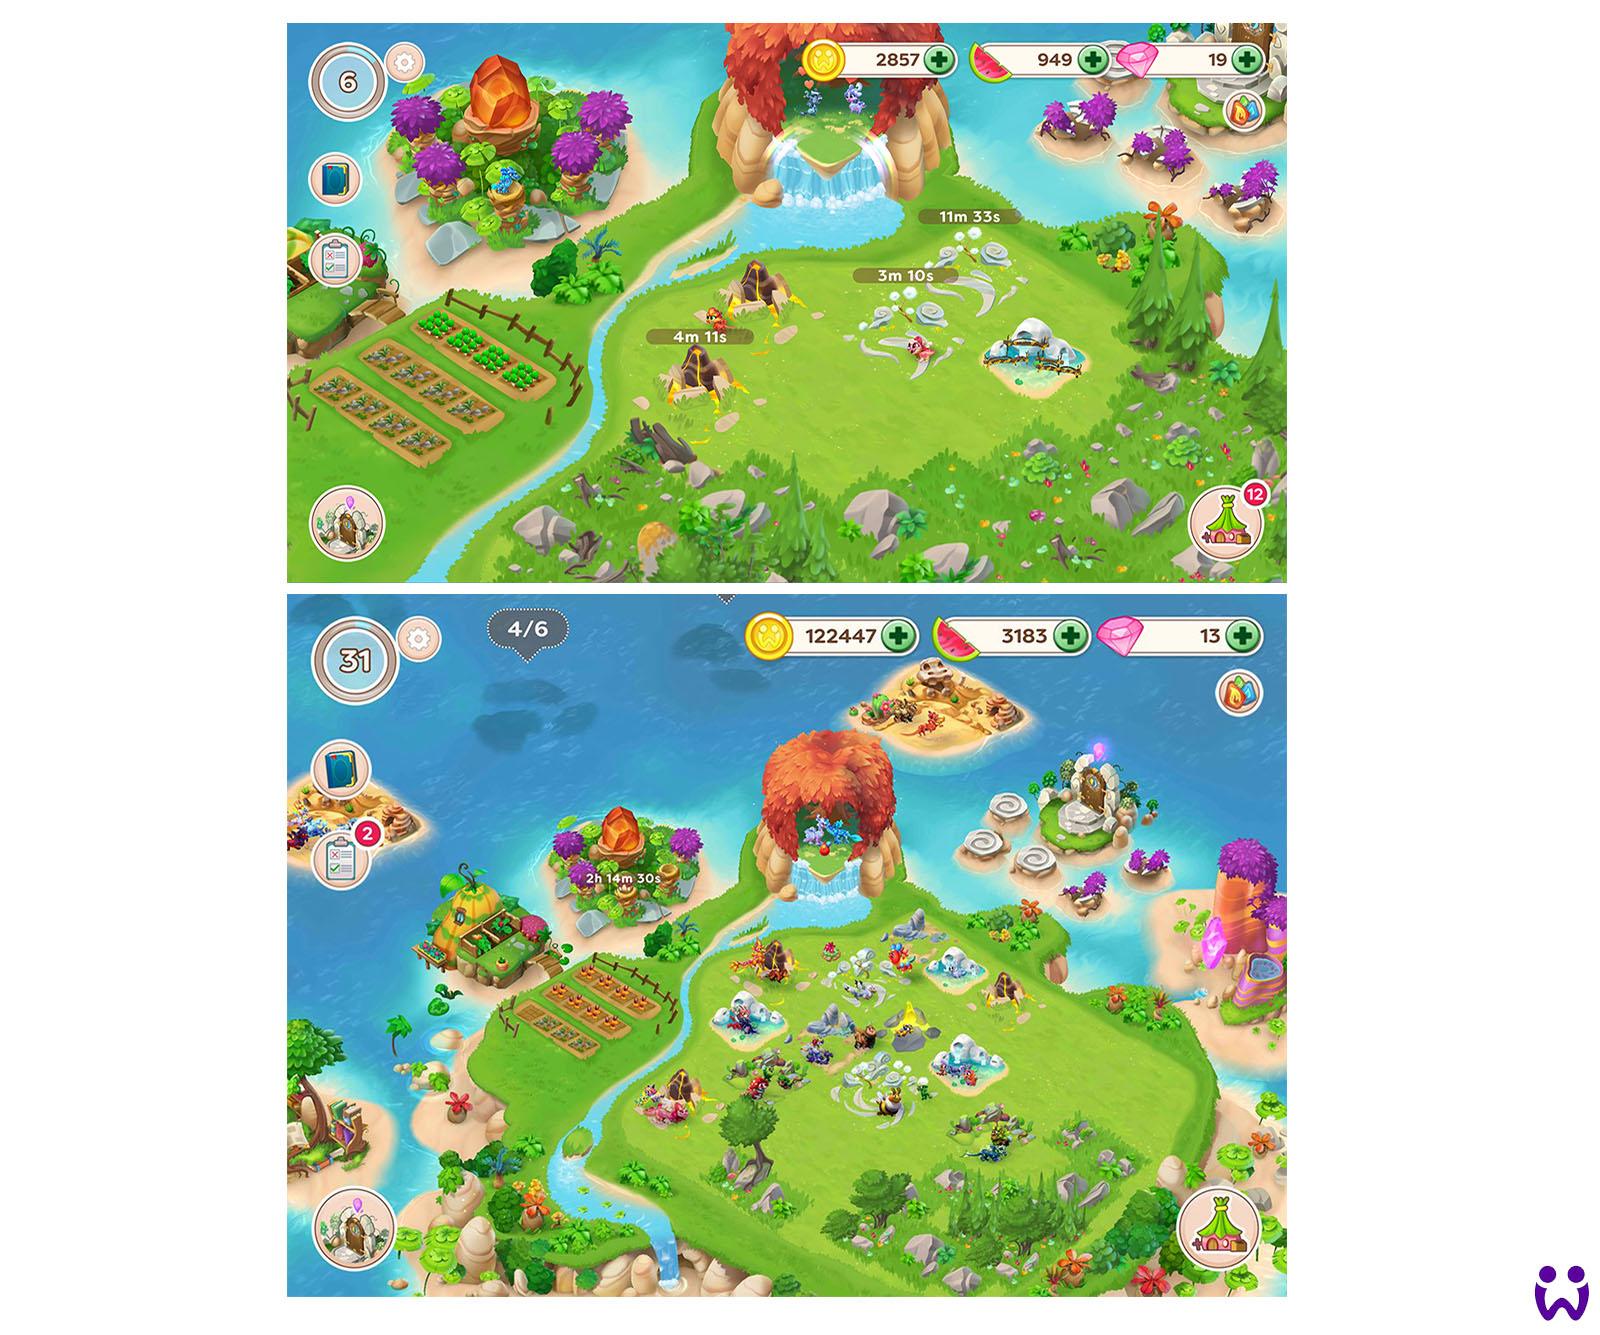 """25 von 25, Screenshots der beinahe finalen Version des Spiels. Für das Mobilegame """"Wonderlings"""" von Wooga"""